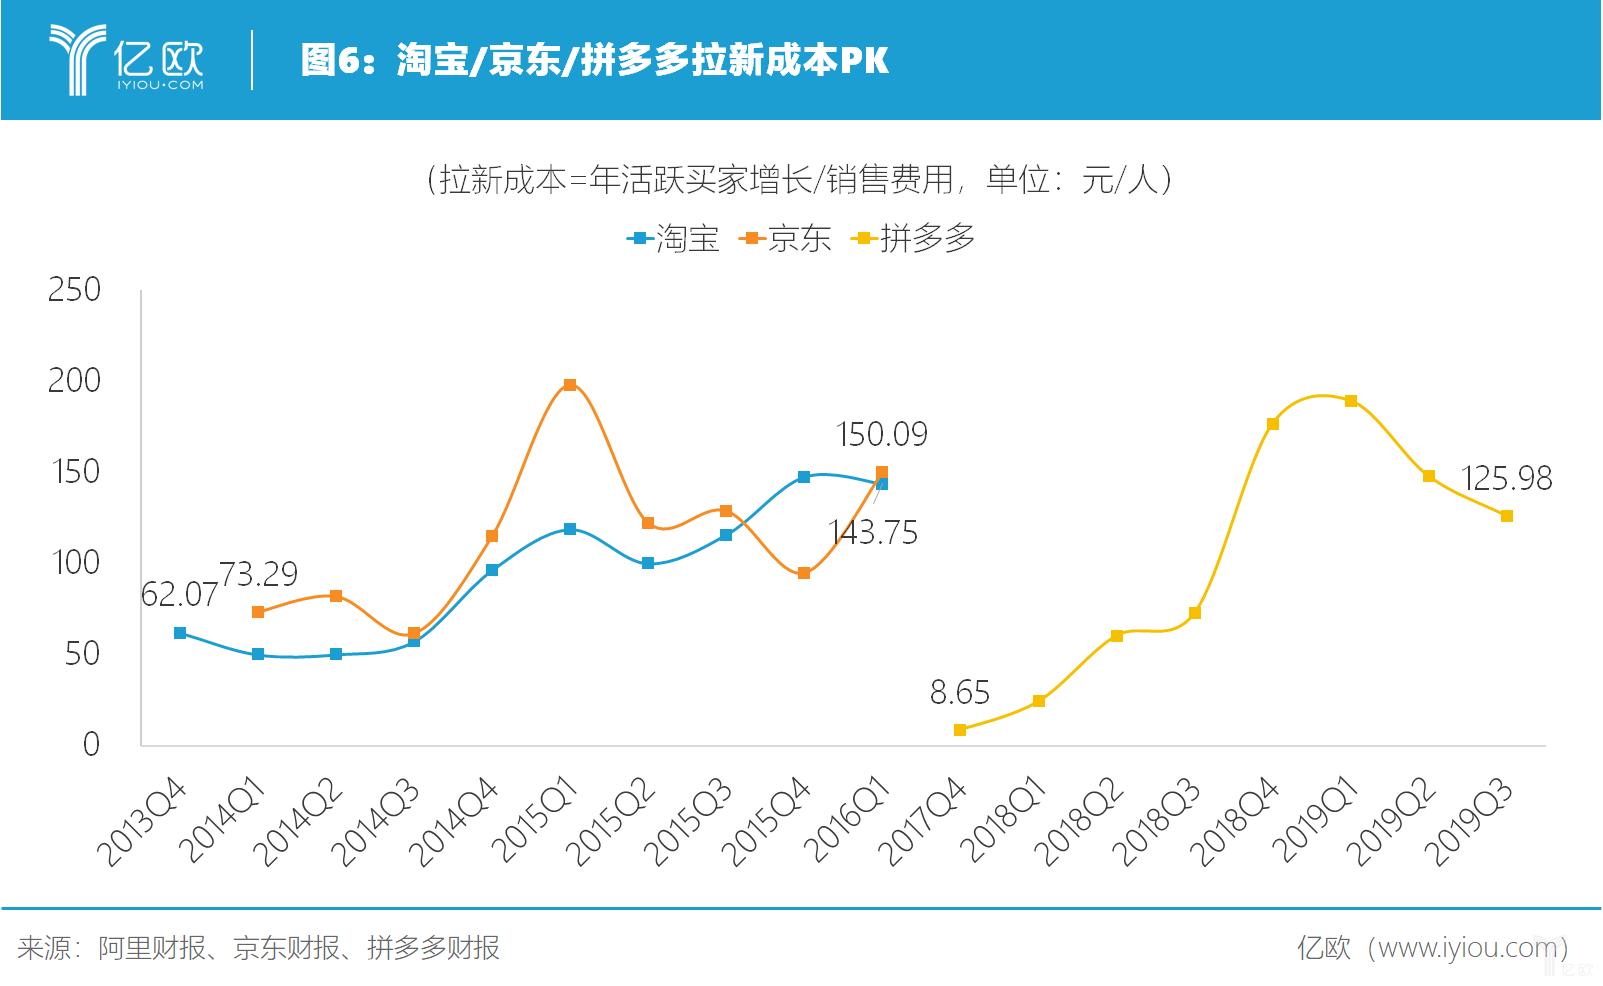 亿欧智库:淘宝、京东、拼多多拉新成本PK